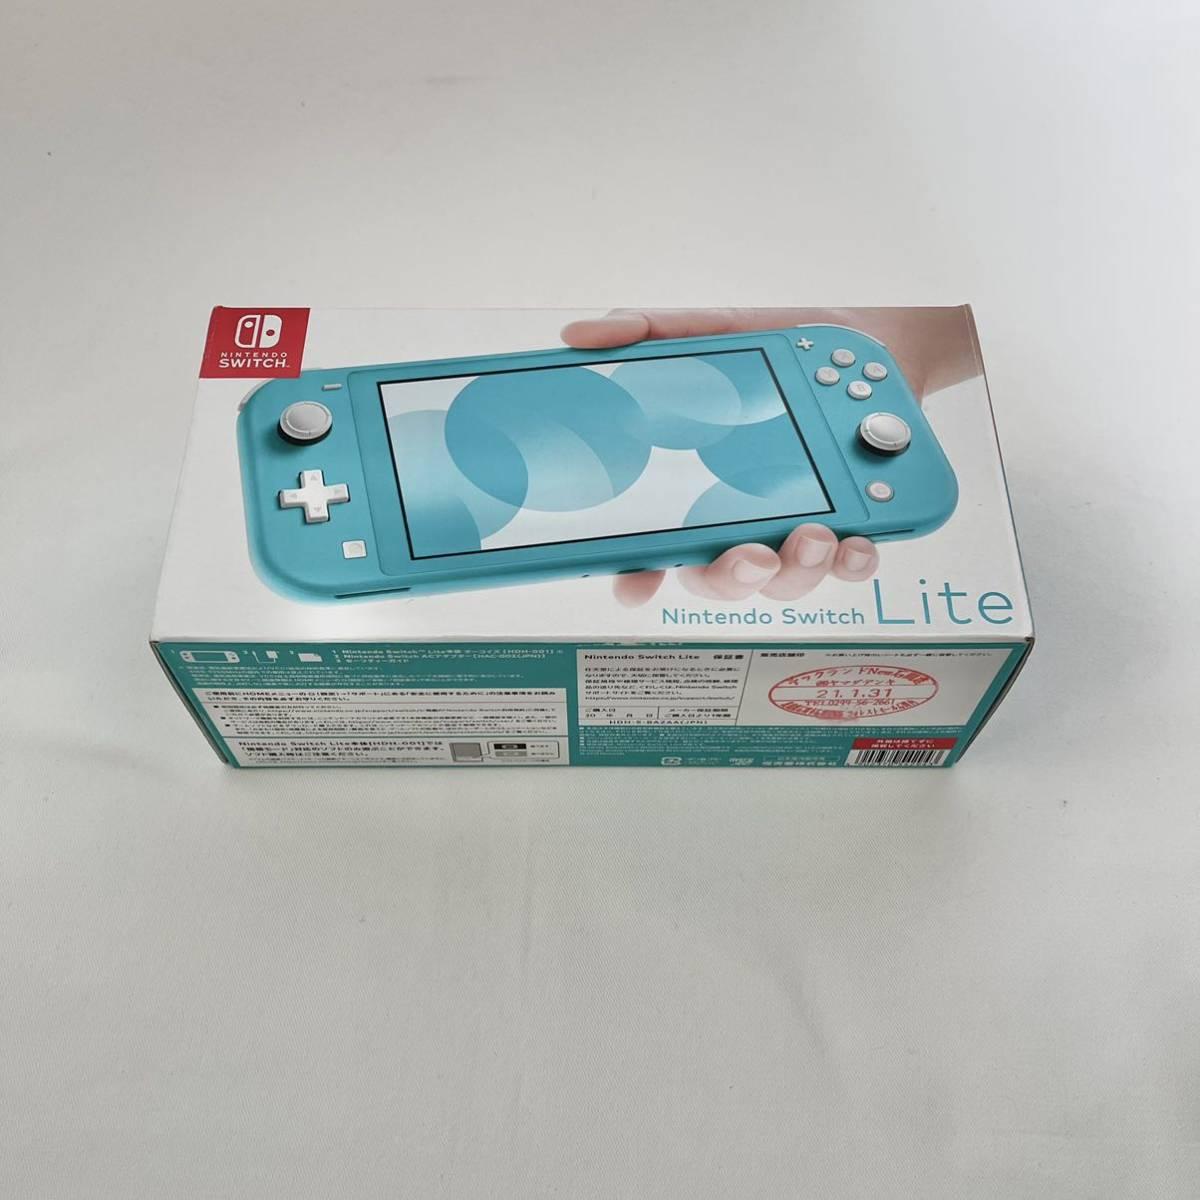 【ほぼ新品】ニンテンドースイッチ ライト 本体 Nintendo Switch Lite ターコイズ_画像1